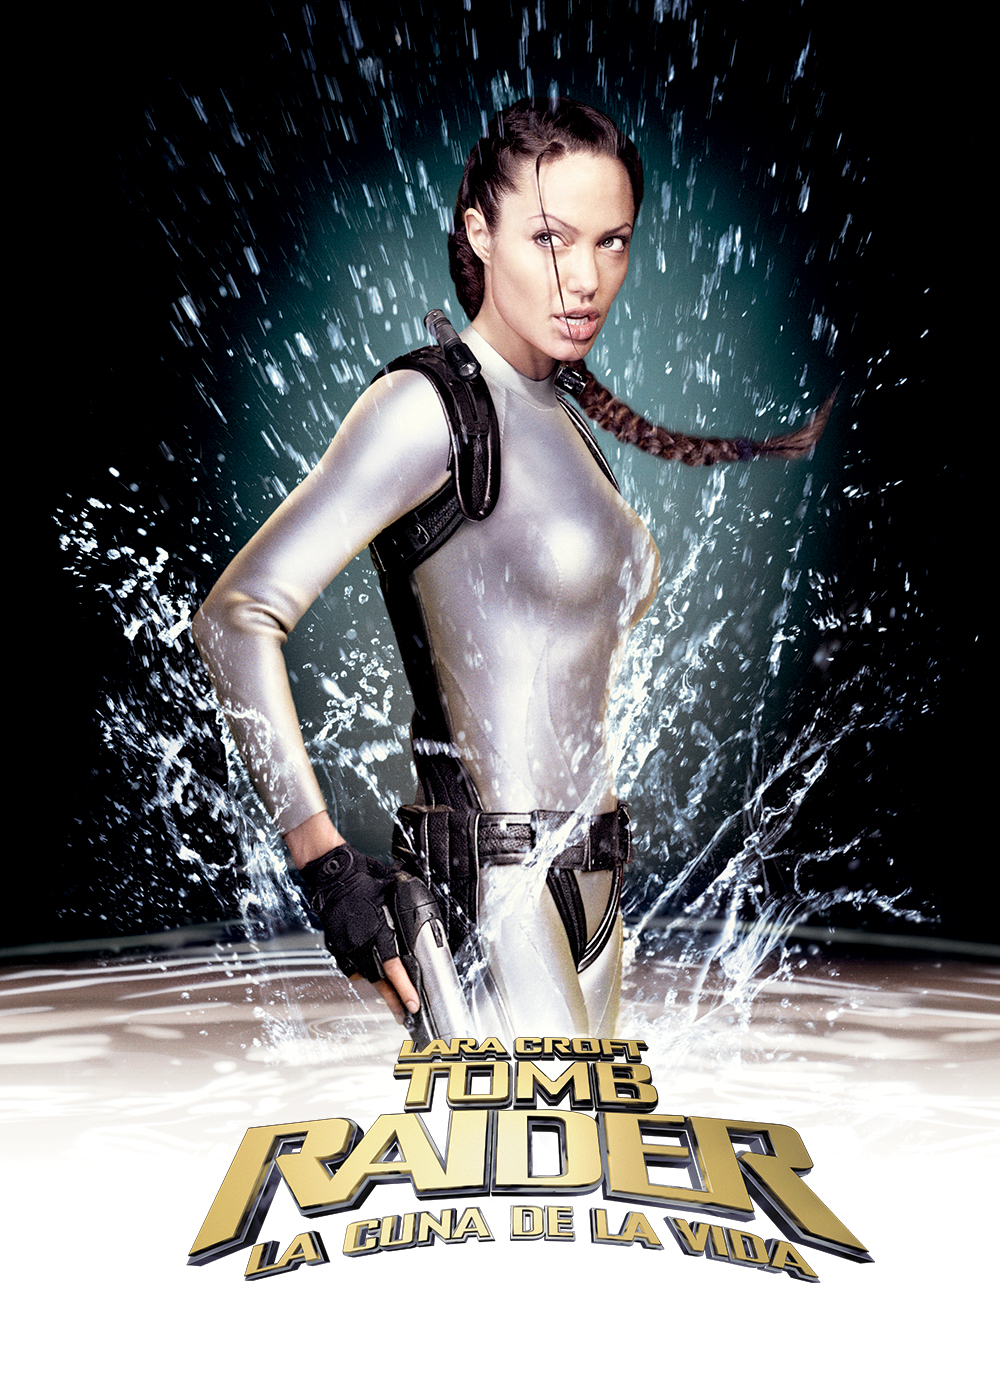 Lara Croft: Tomb Raider - La cuna de la vida